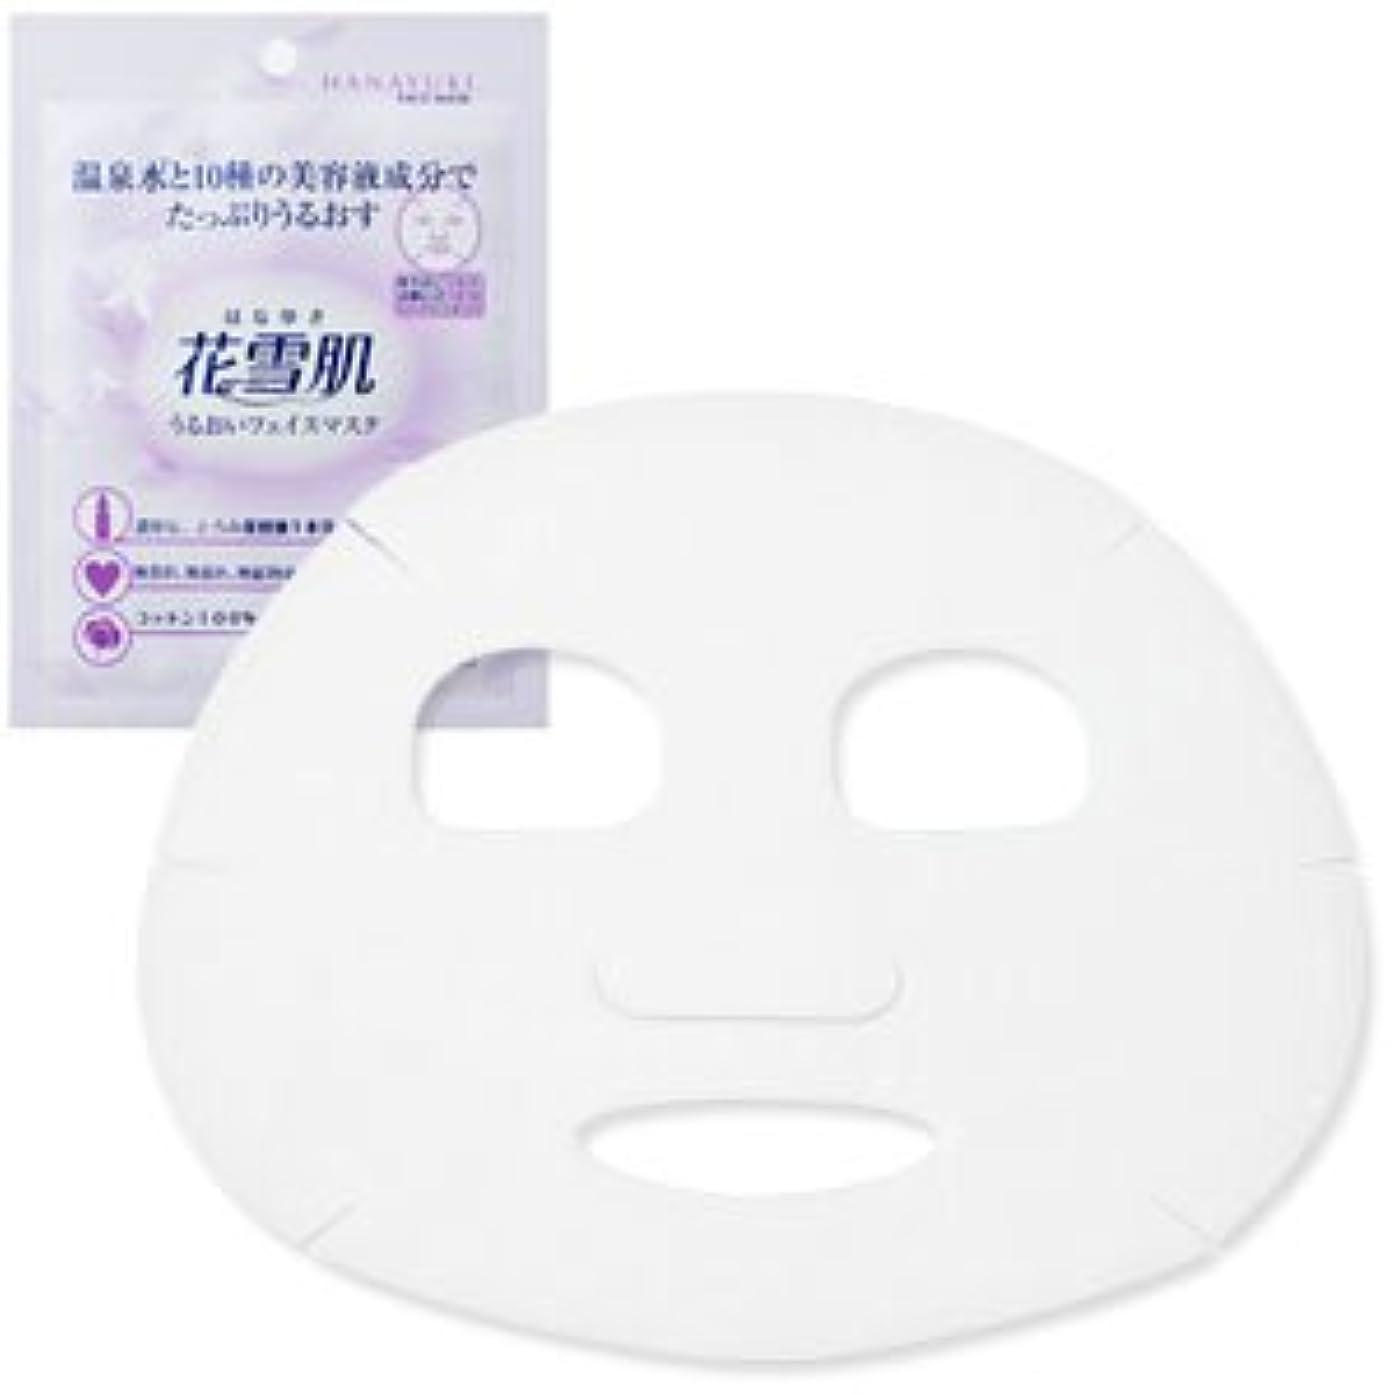 群衆店員シャーロックホームズ花雪肌 うるおいフェイスマスク 10枚セット [10種類の美容液成分を配合] ヒアルロン酸 コラーゲン フェイスパック